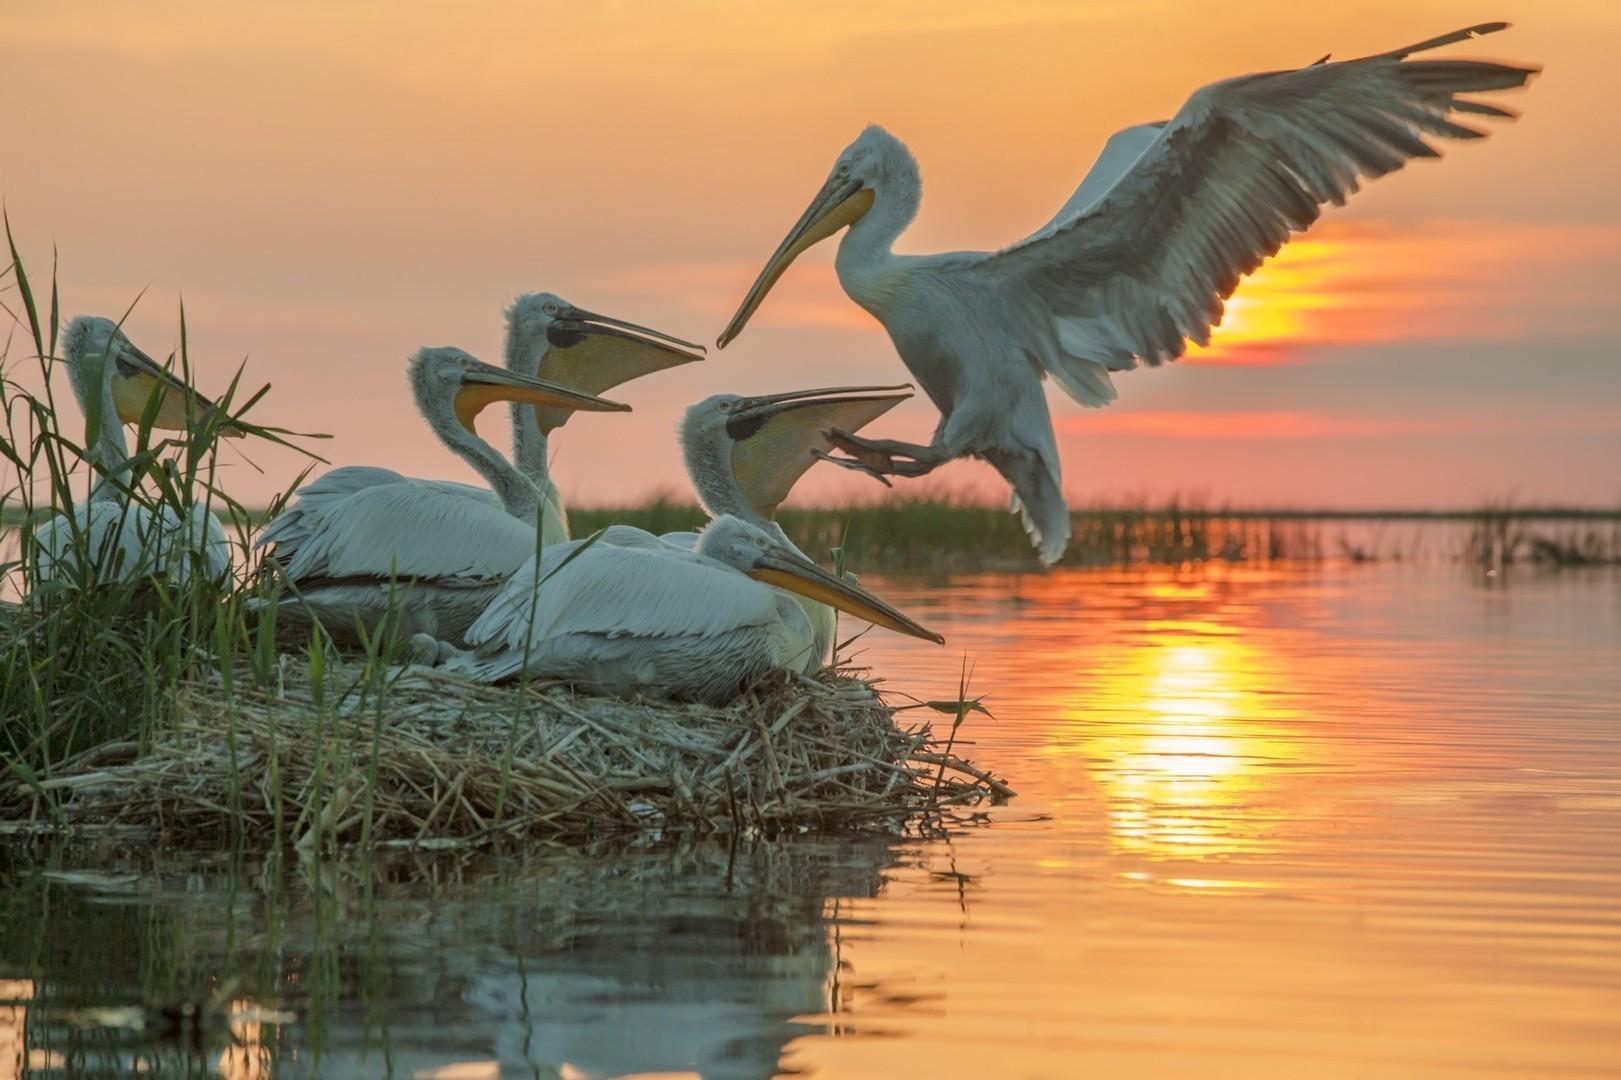 Pelicanos na área conhecida como Trans-Ural